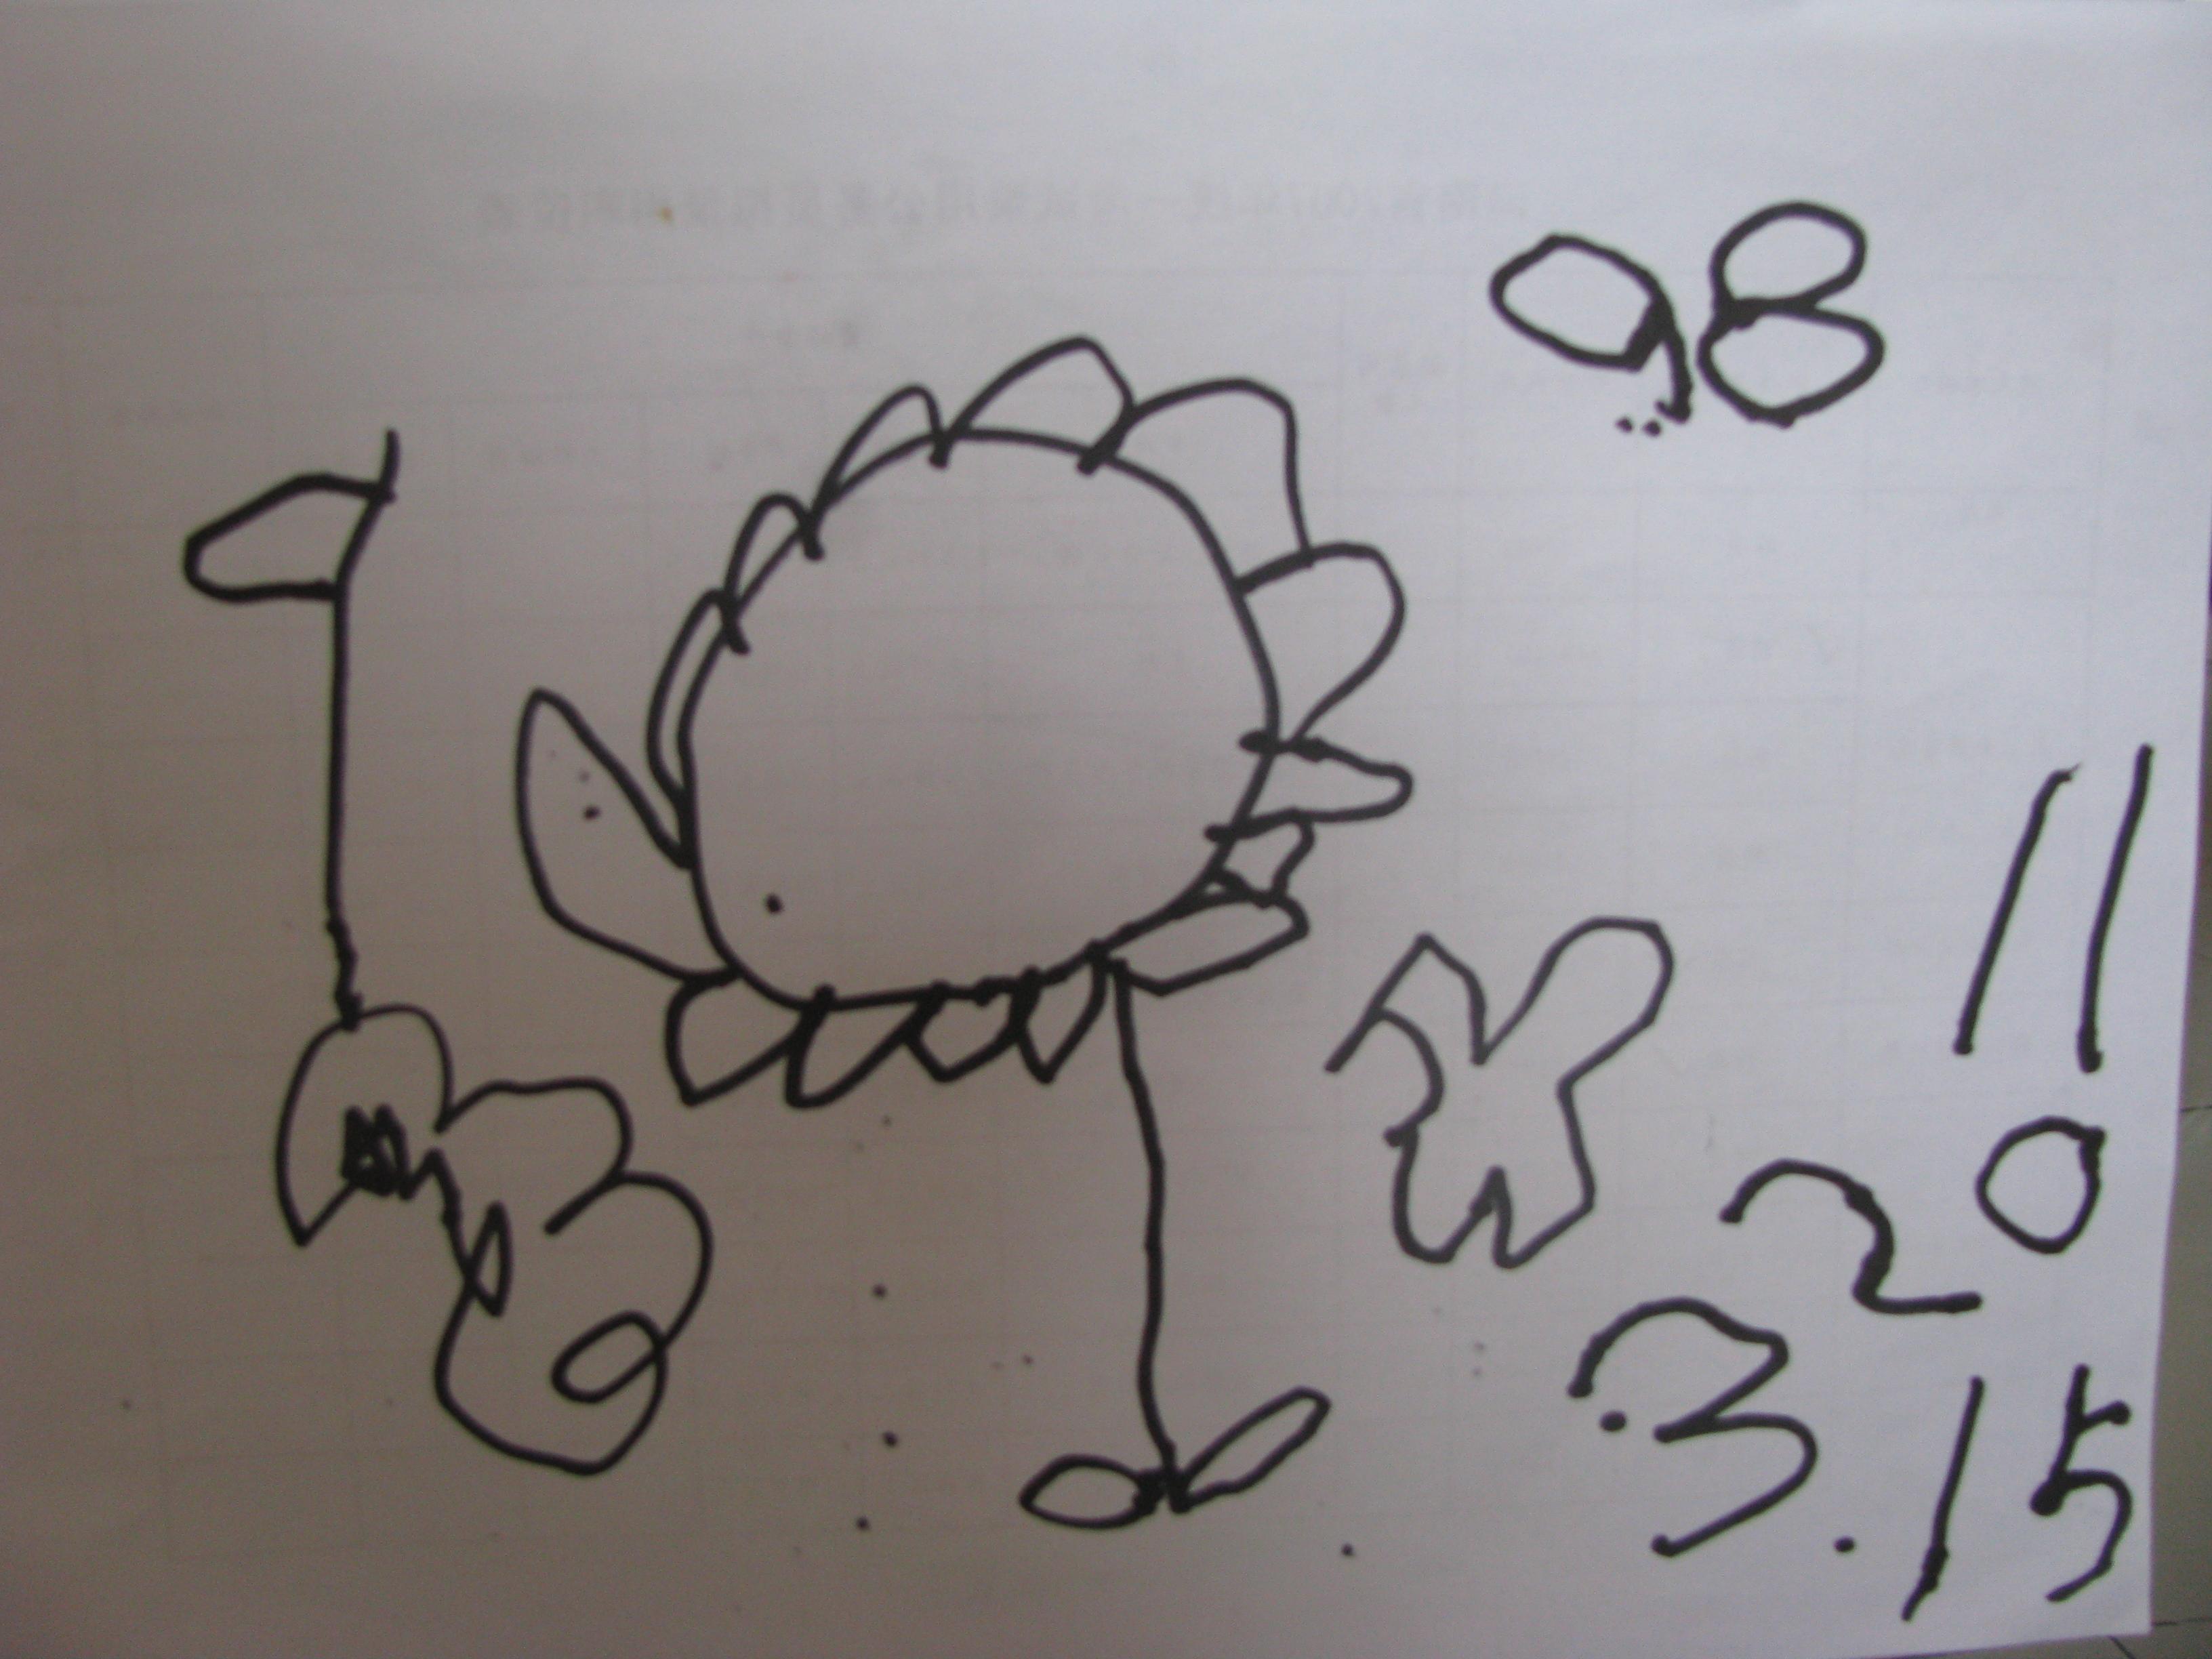 原来教小朋友画画这么简单,教你轻松绘画熊爸爸,很实用!